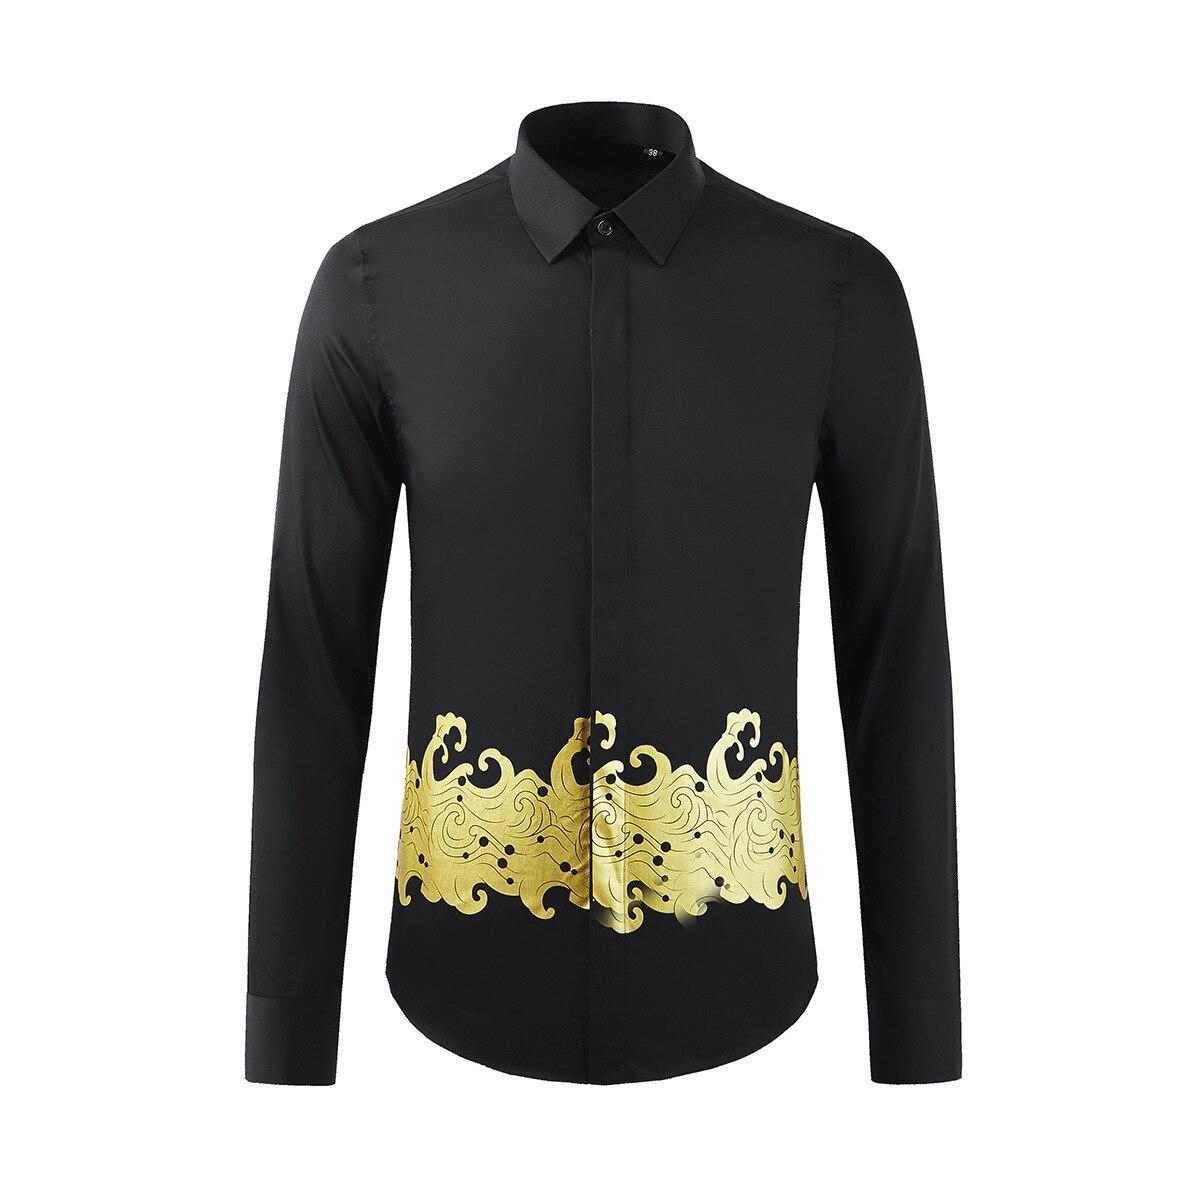 قميص قطني كلاسيكي مموج للرجال ، طباعة مموجة عالية الجودة ، أكمام طويلة غير رسمية ، أزياء ، مقاس M ، L ، XL ، 2XL و 3XL ، مجموعة جديدة